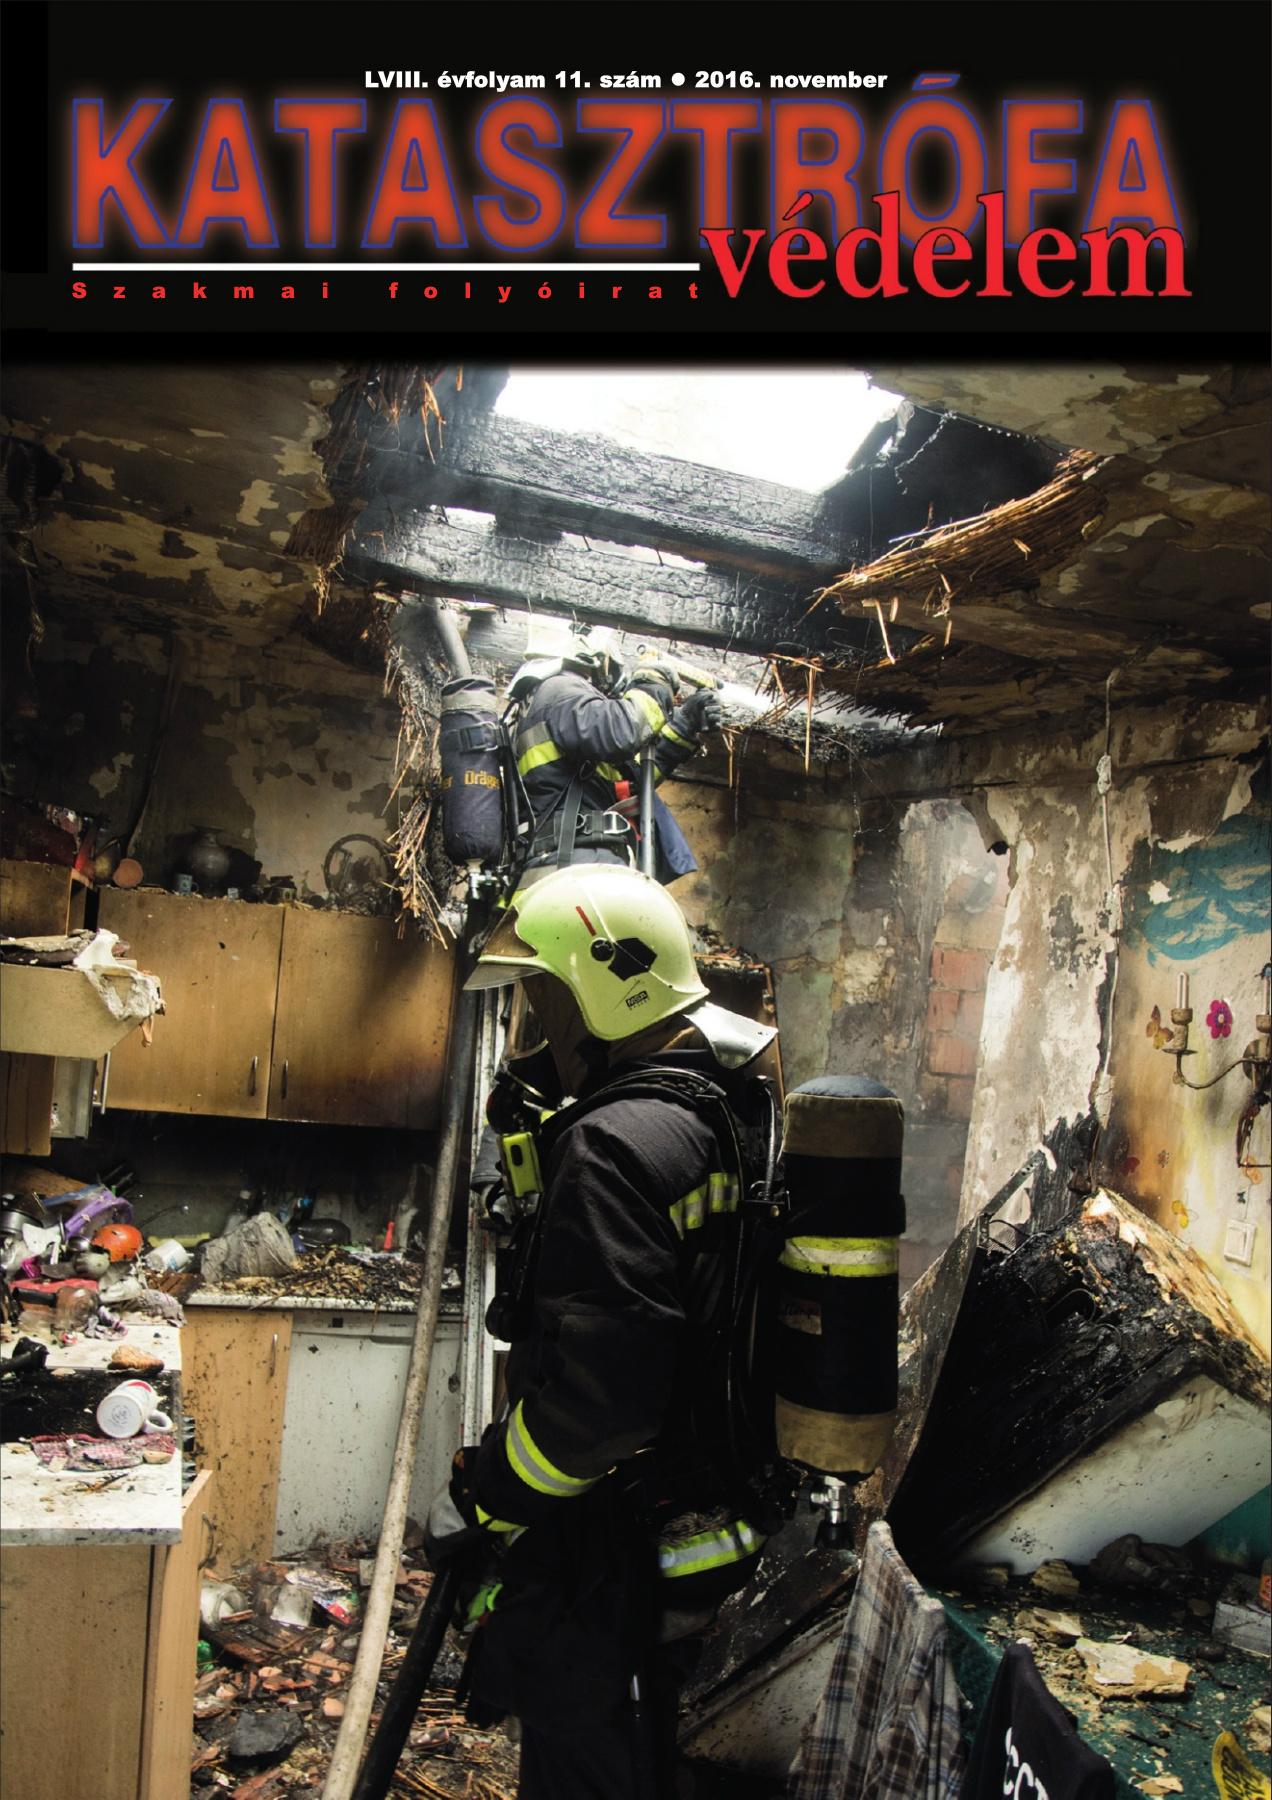 A Katasztrófavédelem magazin LVIII. évfolyam 11. szám megtekintése